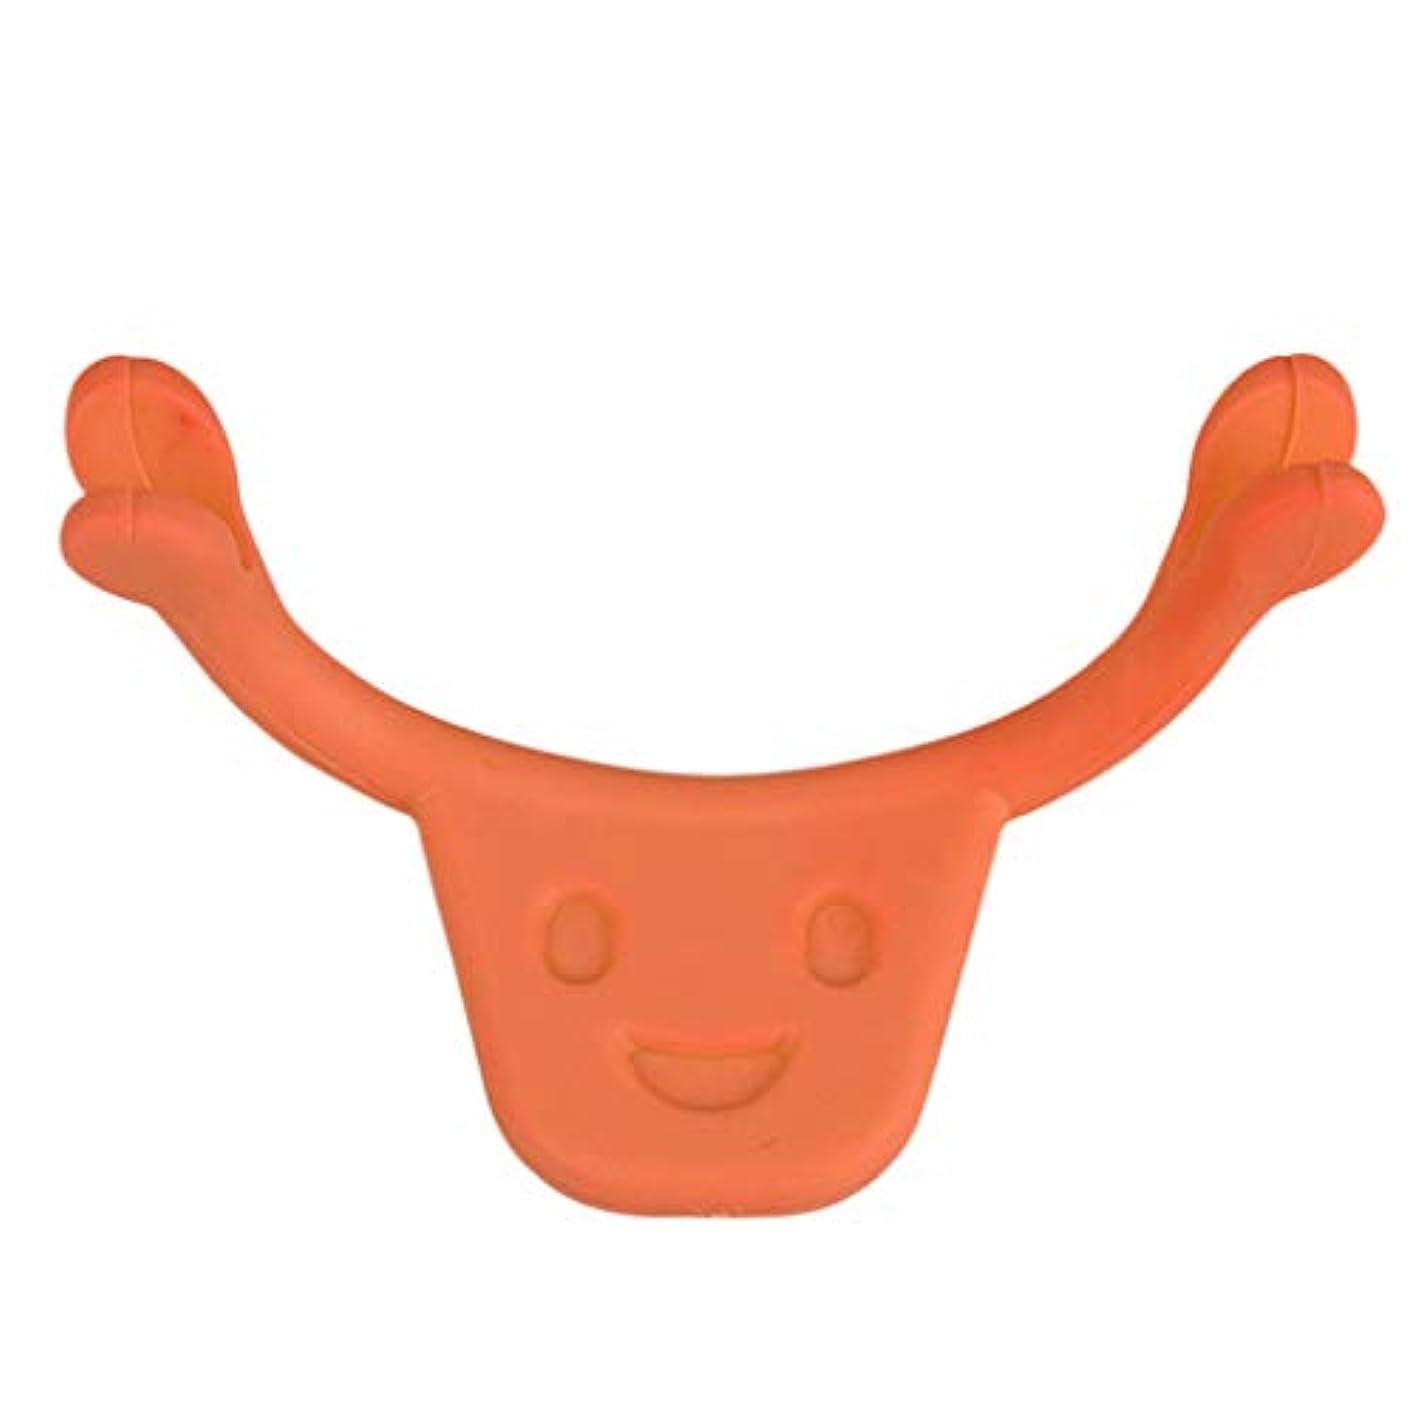 にぎやか版解決口角を上げるグッズ 表情筋 トレーニング 笑顔 二重あご 消す 小顔 ストレッチ 小顔矯正 全2色 - オレンジ